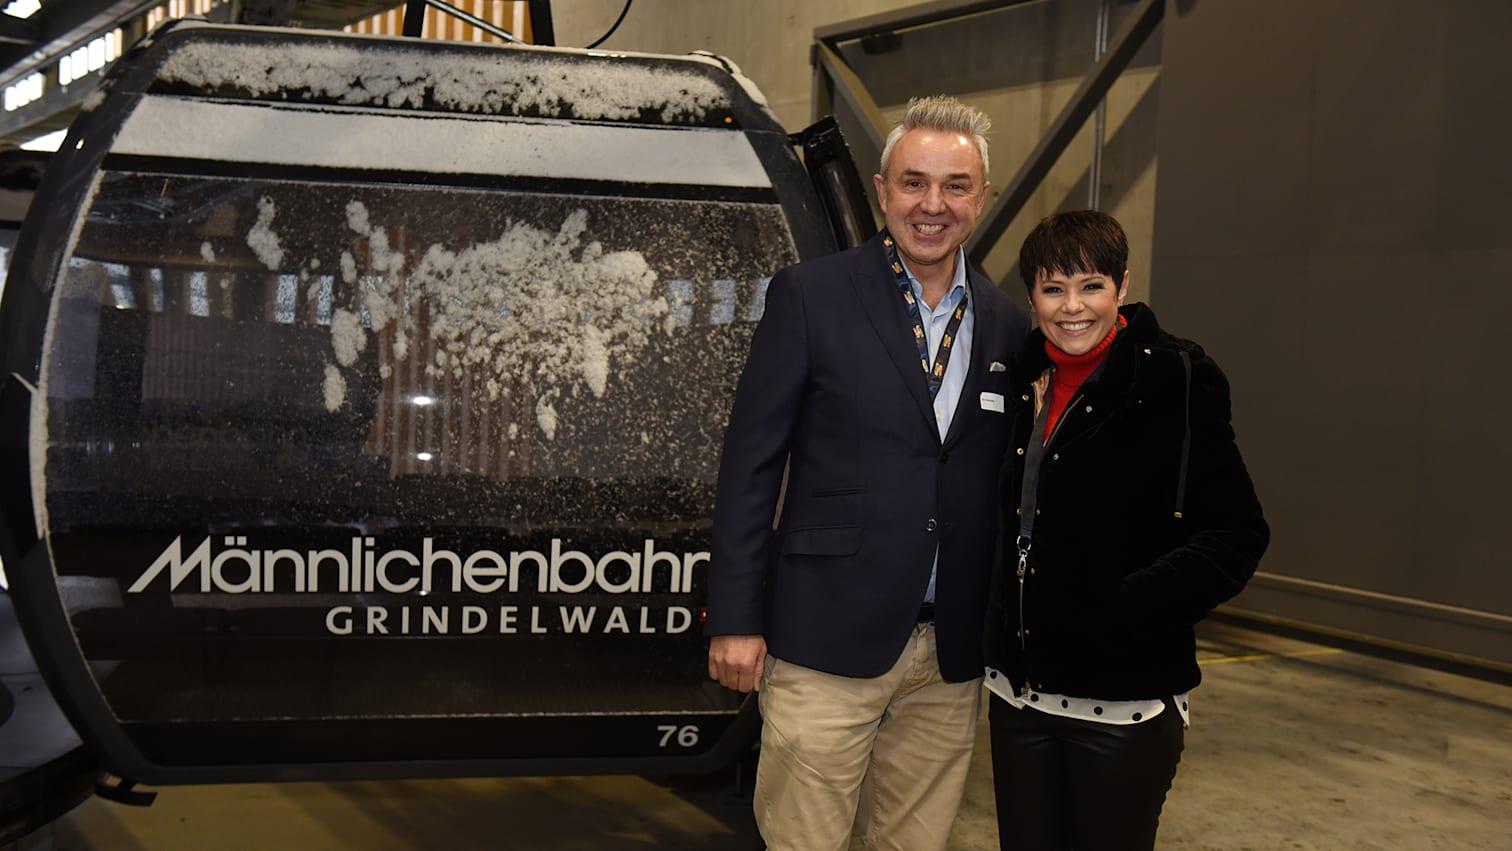 V Bahn Eroeffnungakt Urs Kessler und Francine Jordi